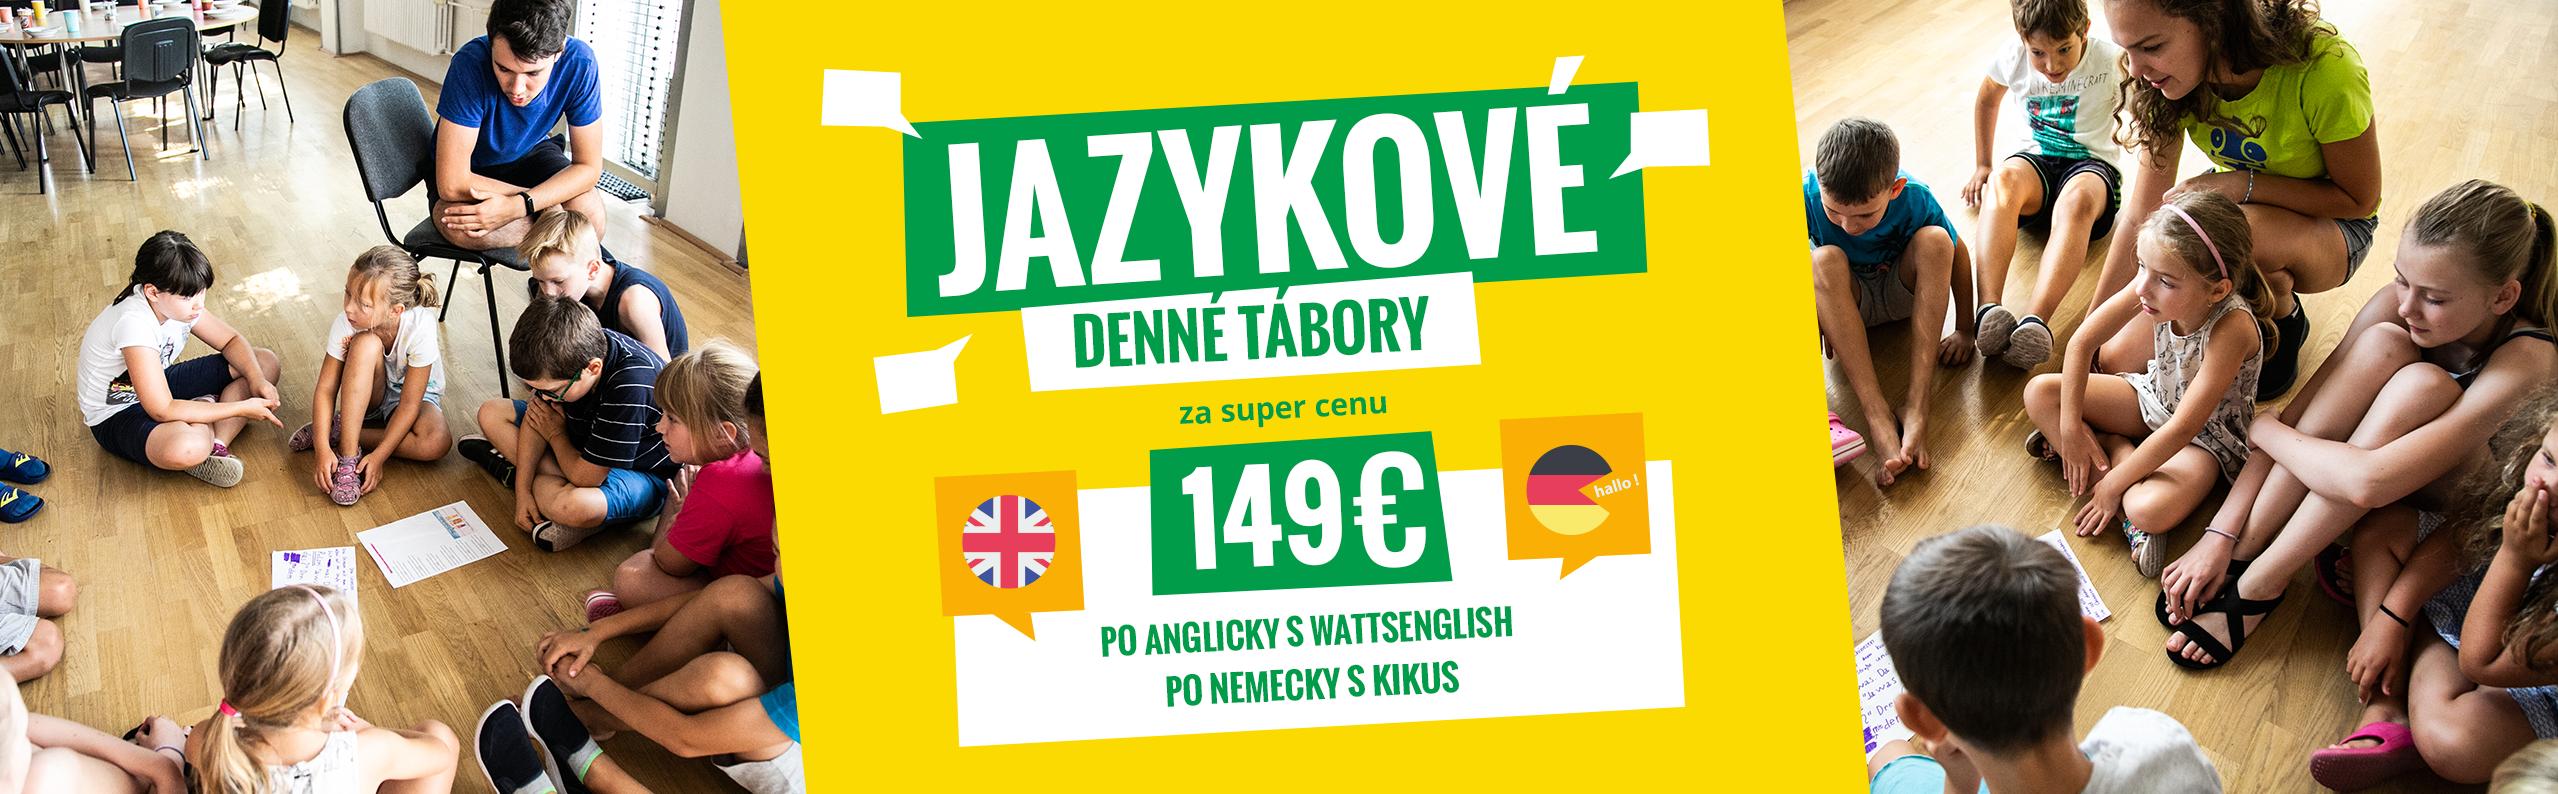 3924b6a9c Denné tábory - Denné tábory 2019 v Bratislave a okolí